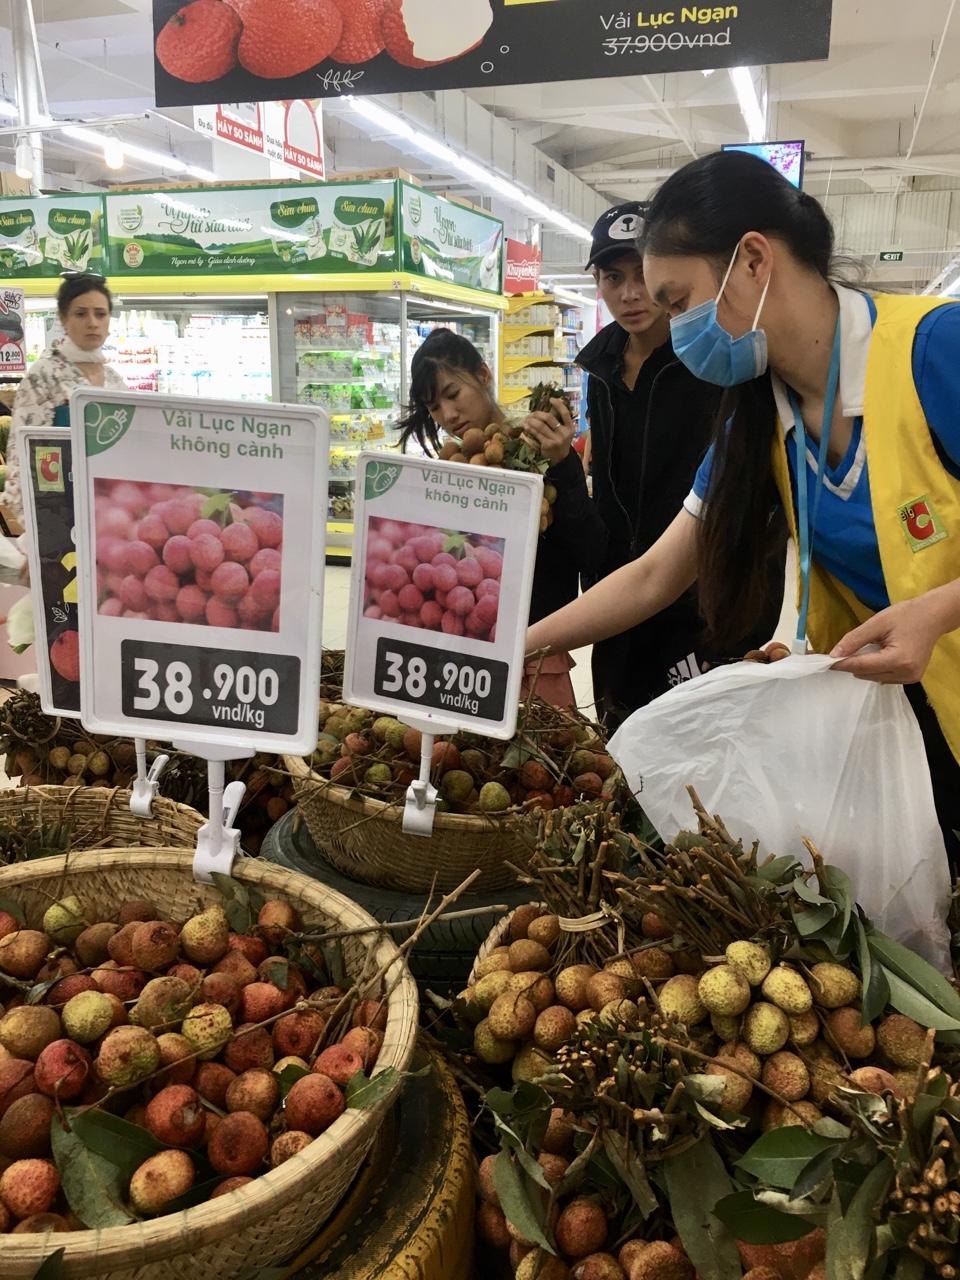 Gần 130.000 tấn vải thiều Bắc Giang được tiêu thụ tại nội địa và xuất khẩu - Ảnh 1.